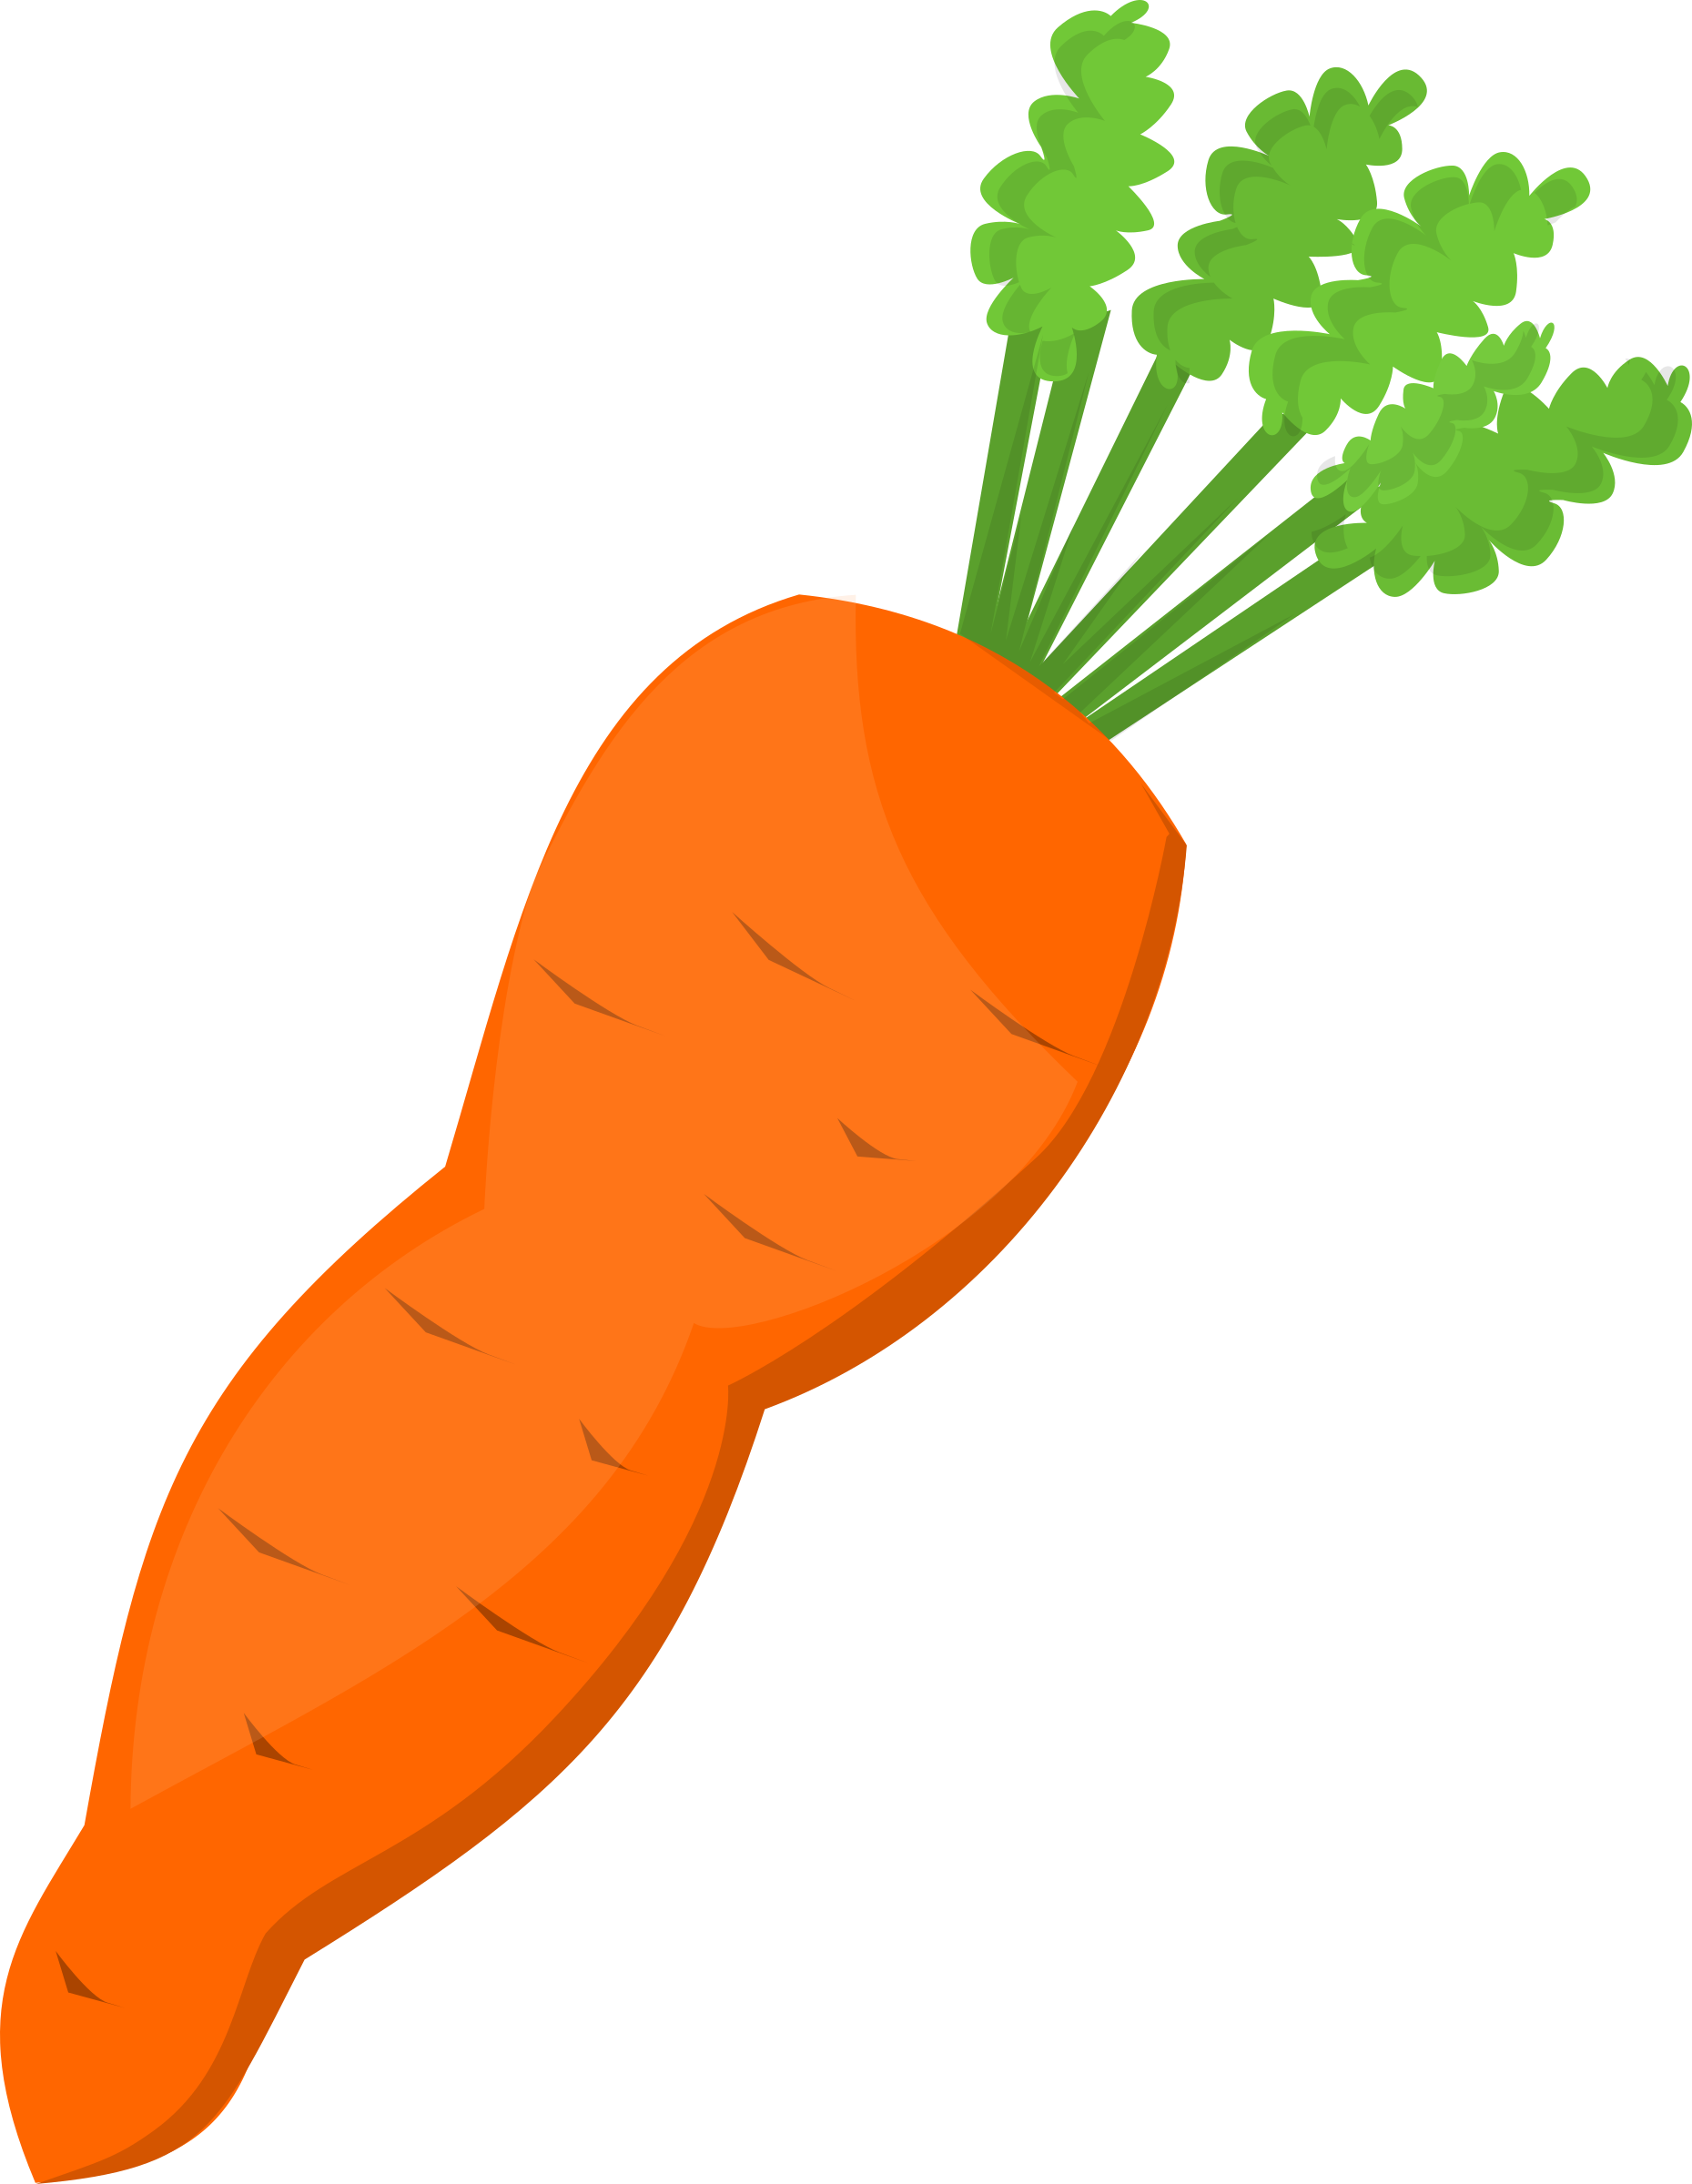 Carrot orange carrot